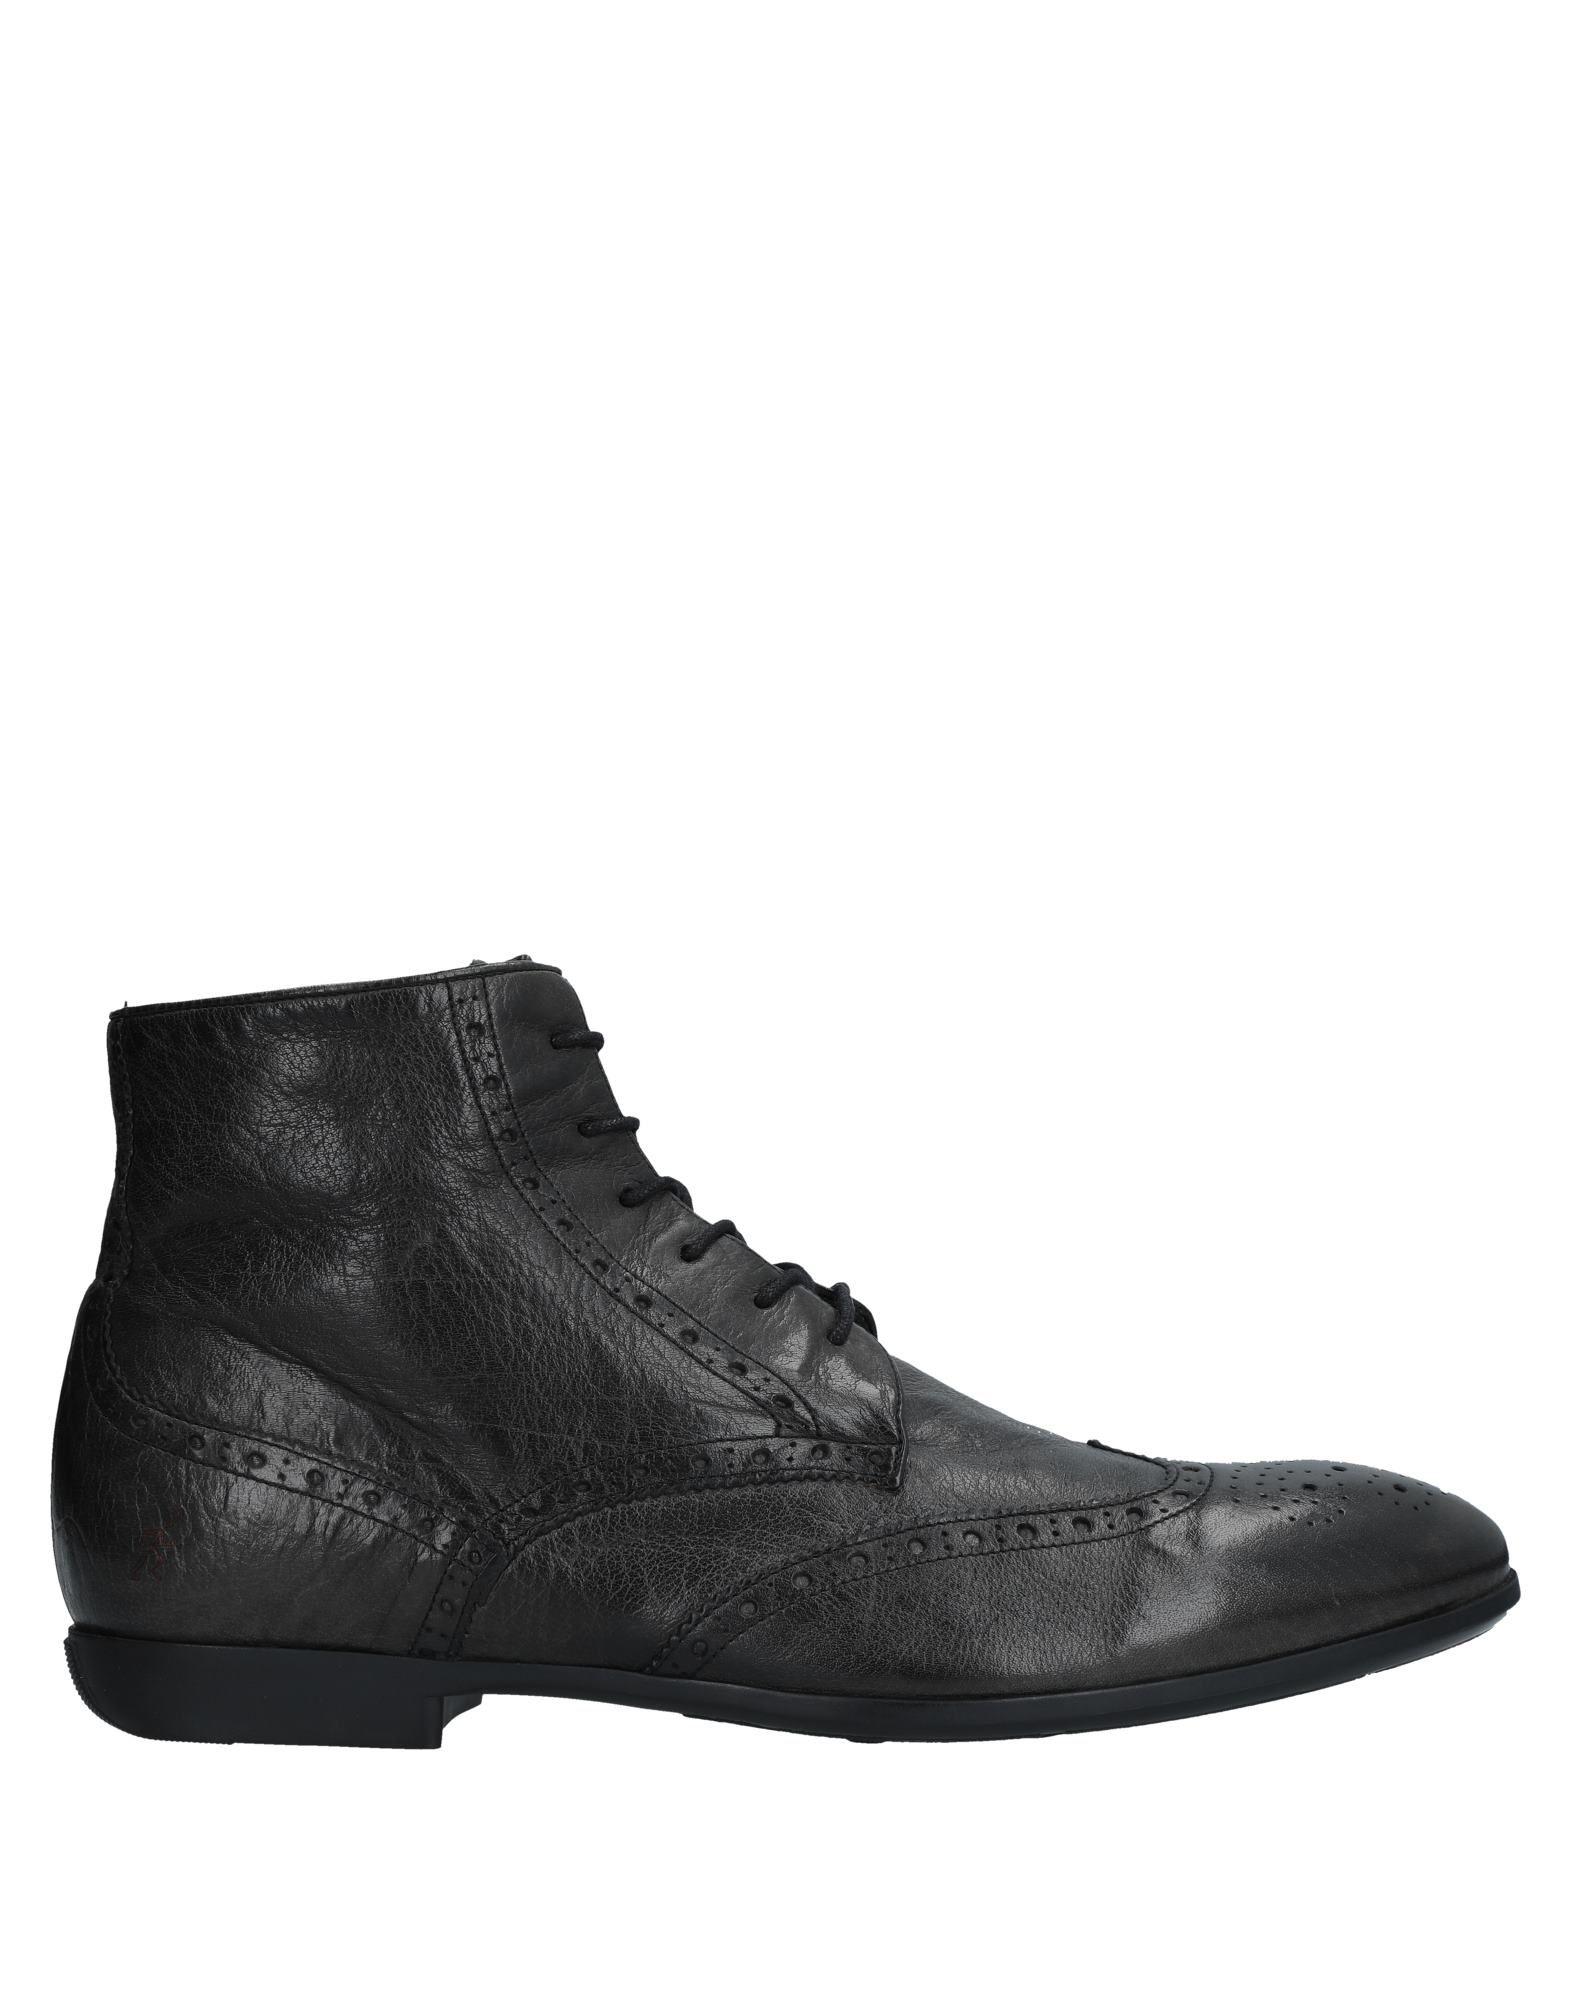 Paul Smith Stiefelette Herren  11538410TB Gute Qualität beliebte Schuhe